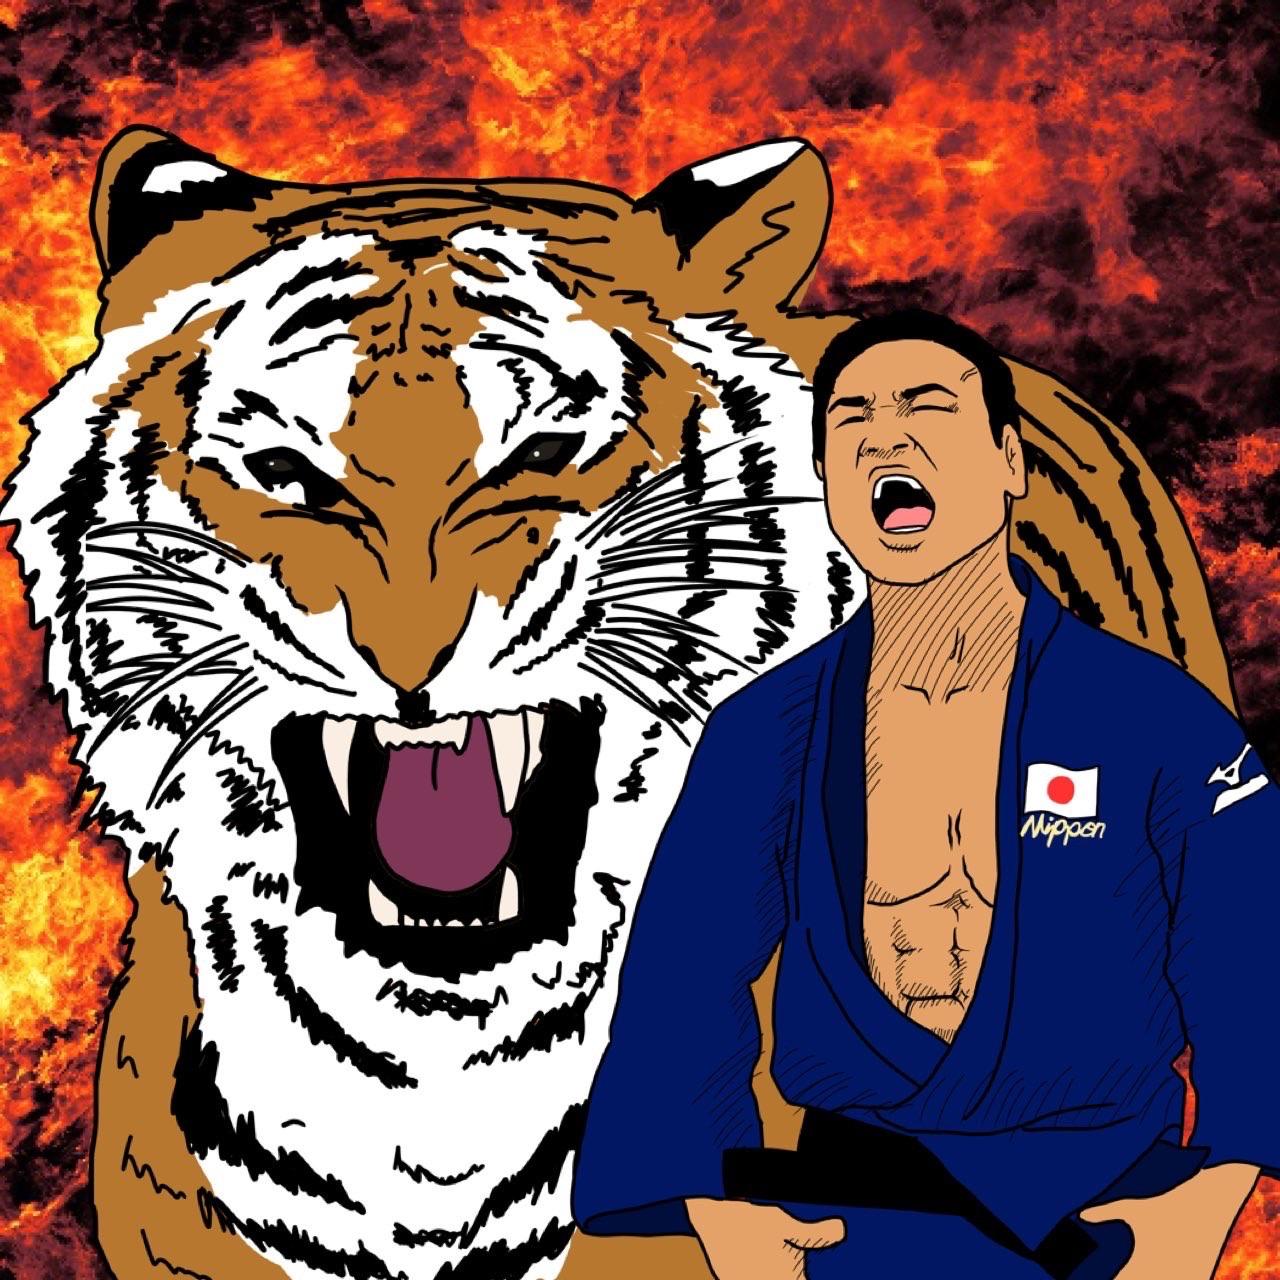 五輪2大会連続銅メダルの海老沼匡のイラスト